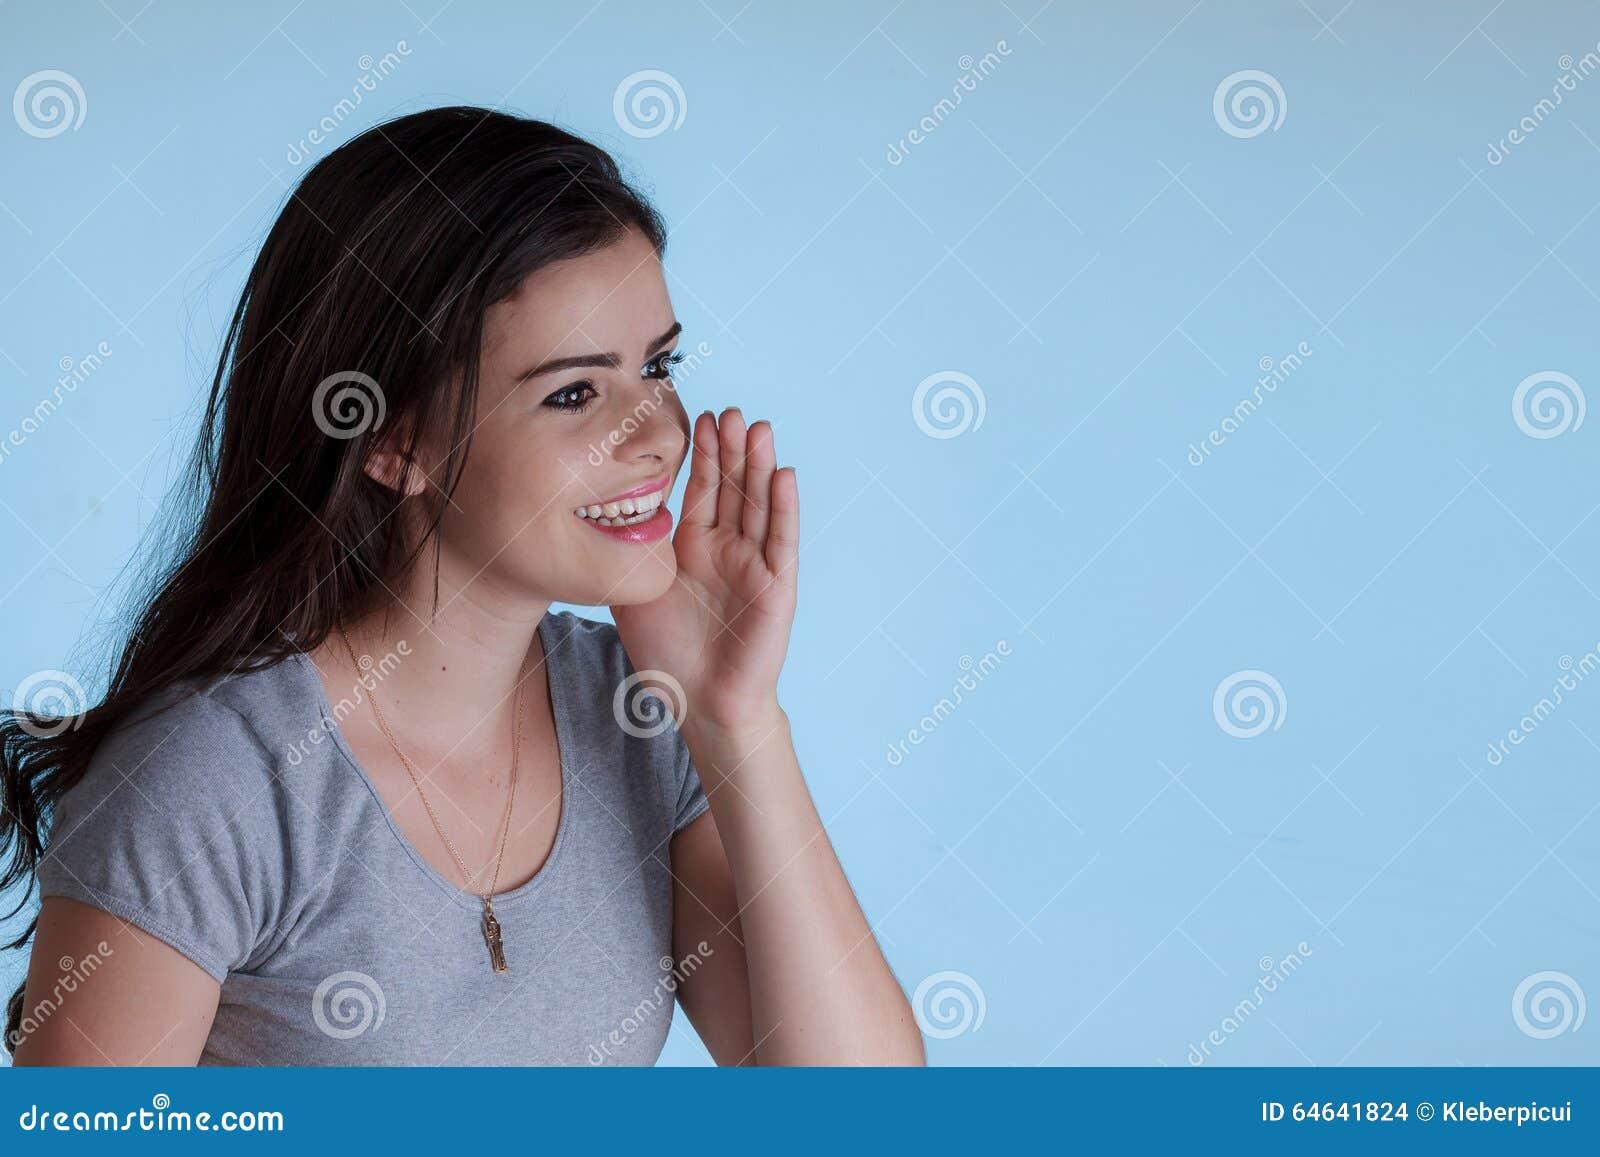 Νέα γυναίκα που καλεί κάποιο με ένα χέρι δίπλα στο στόμα